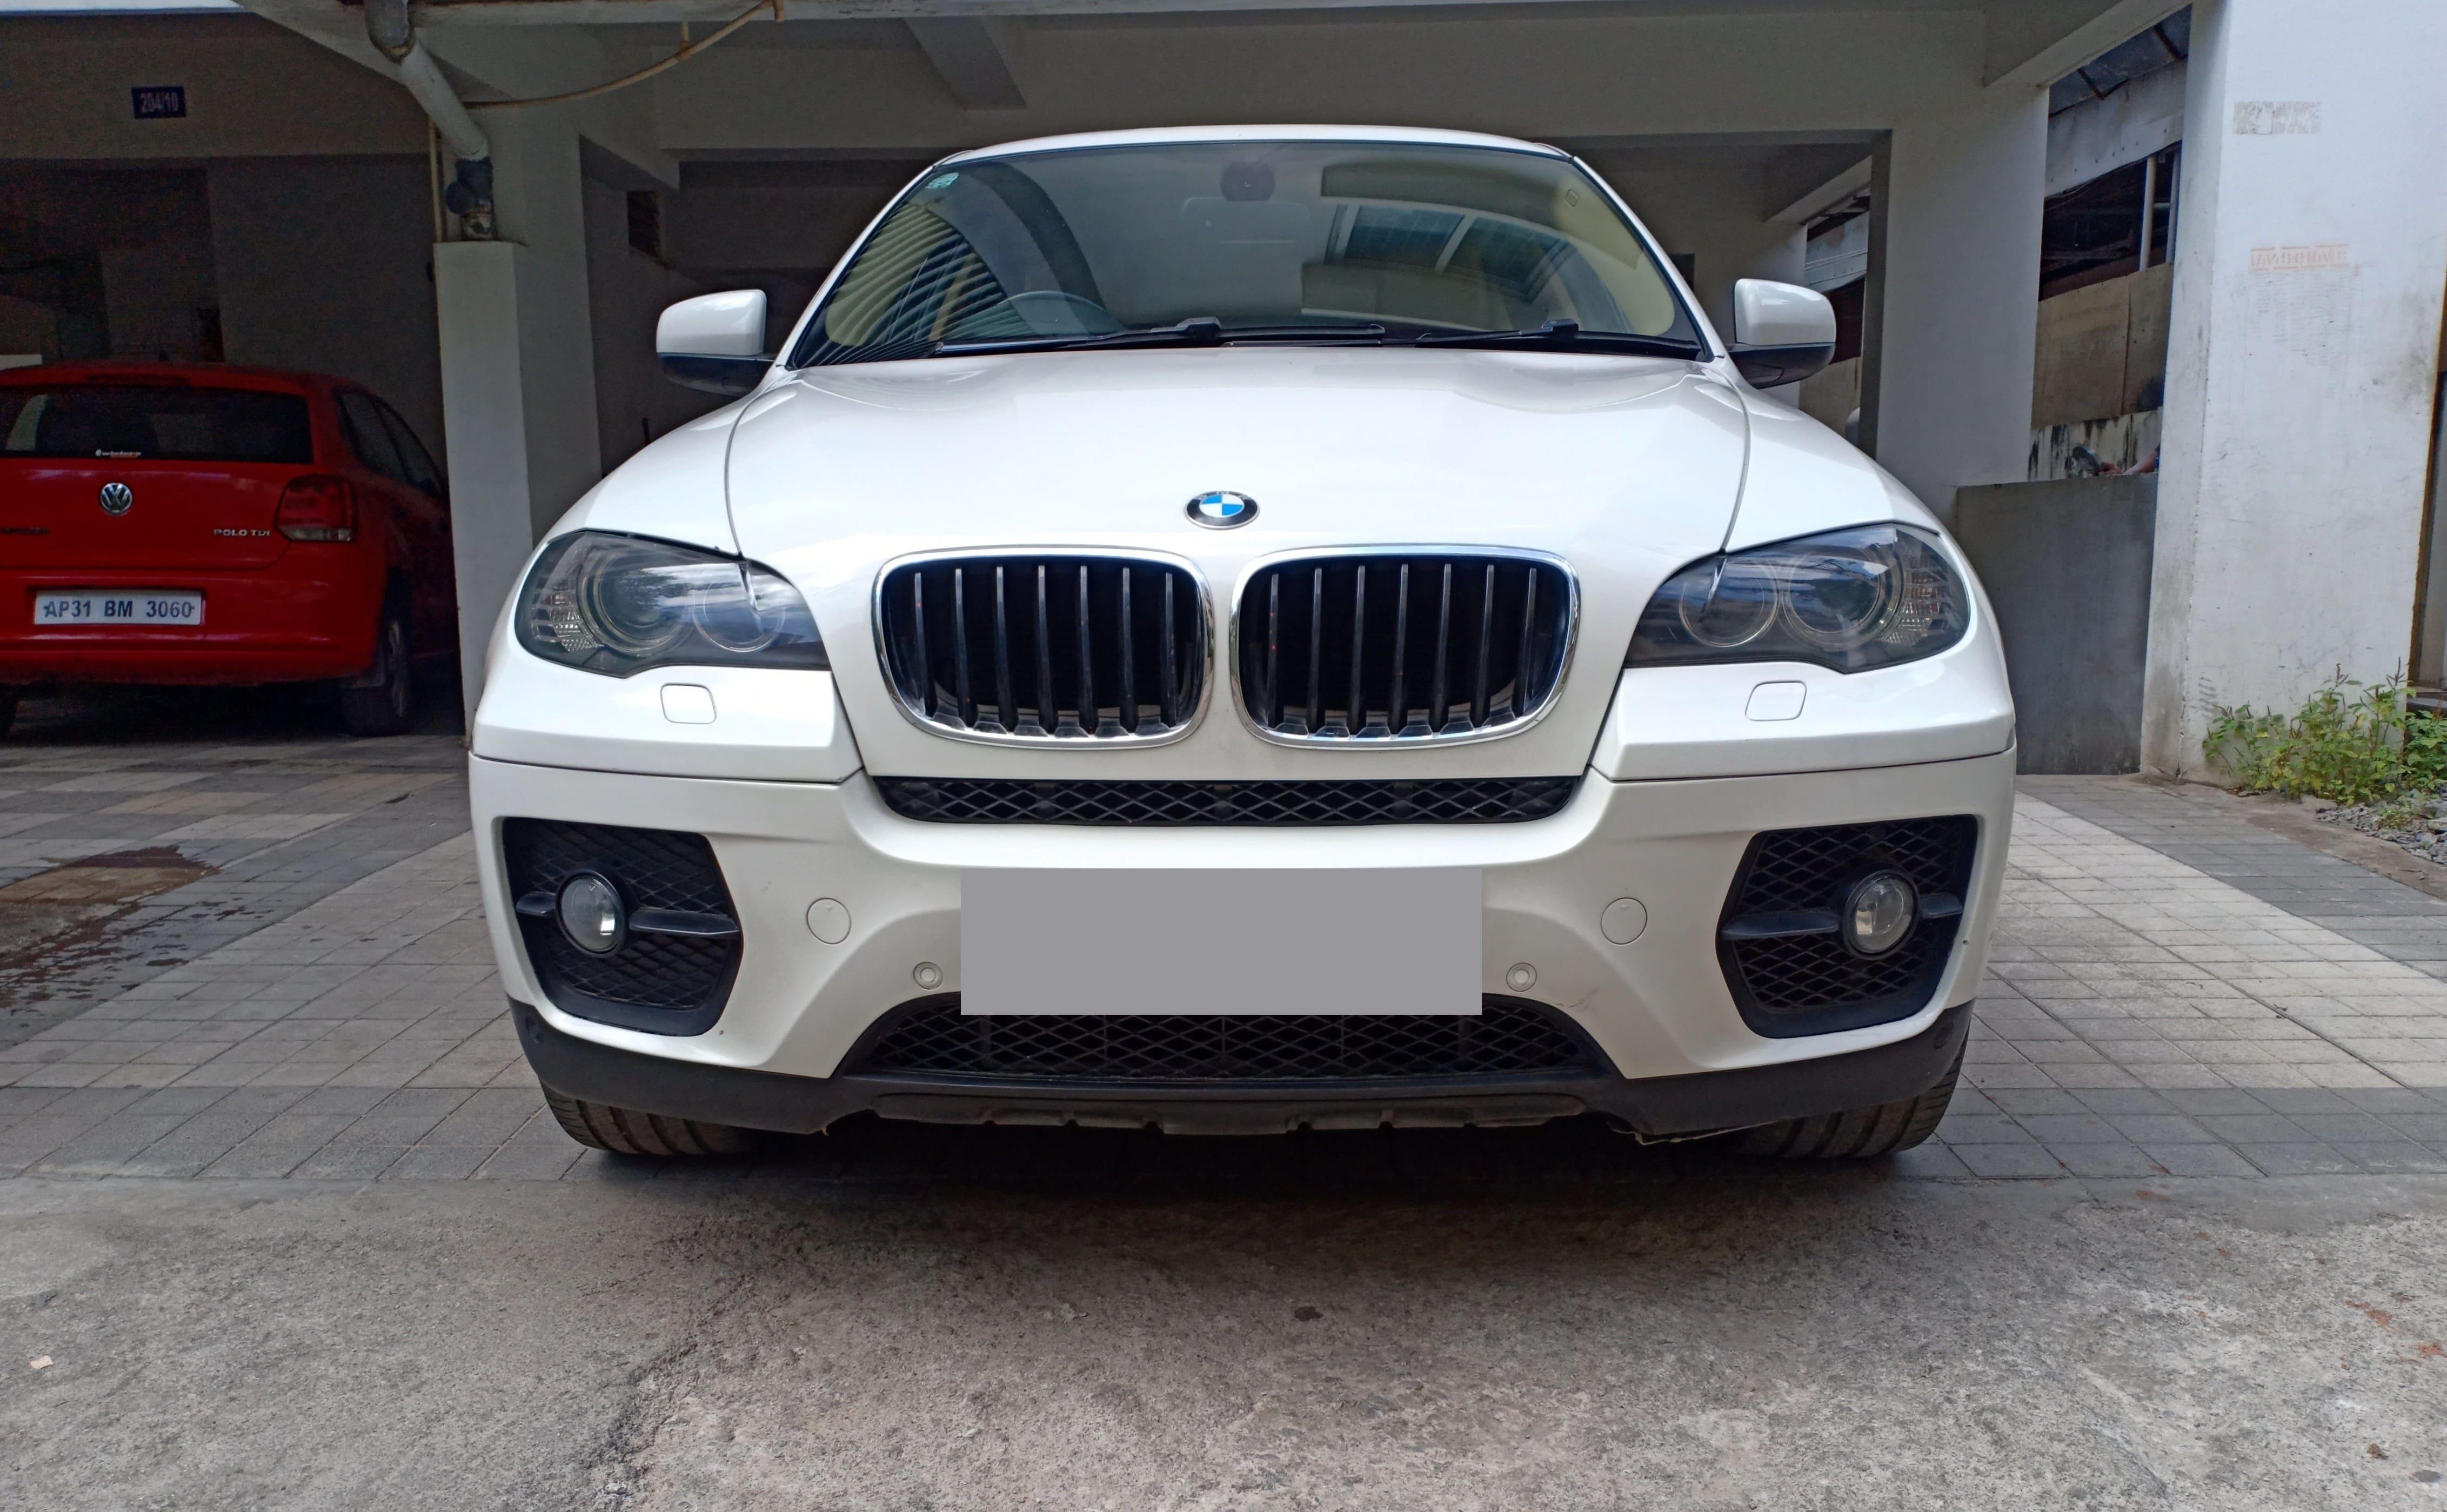 BMW X6 2009-2014 xDrive 40d